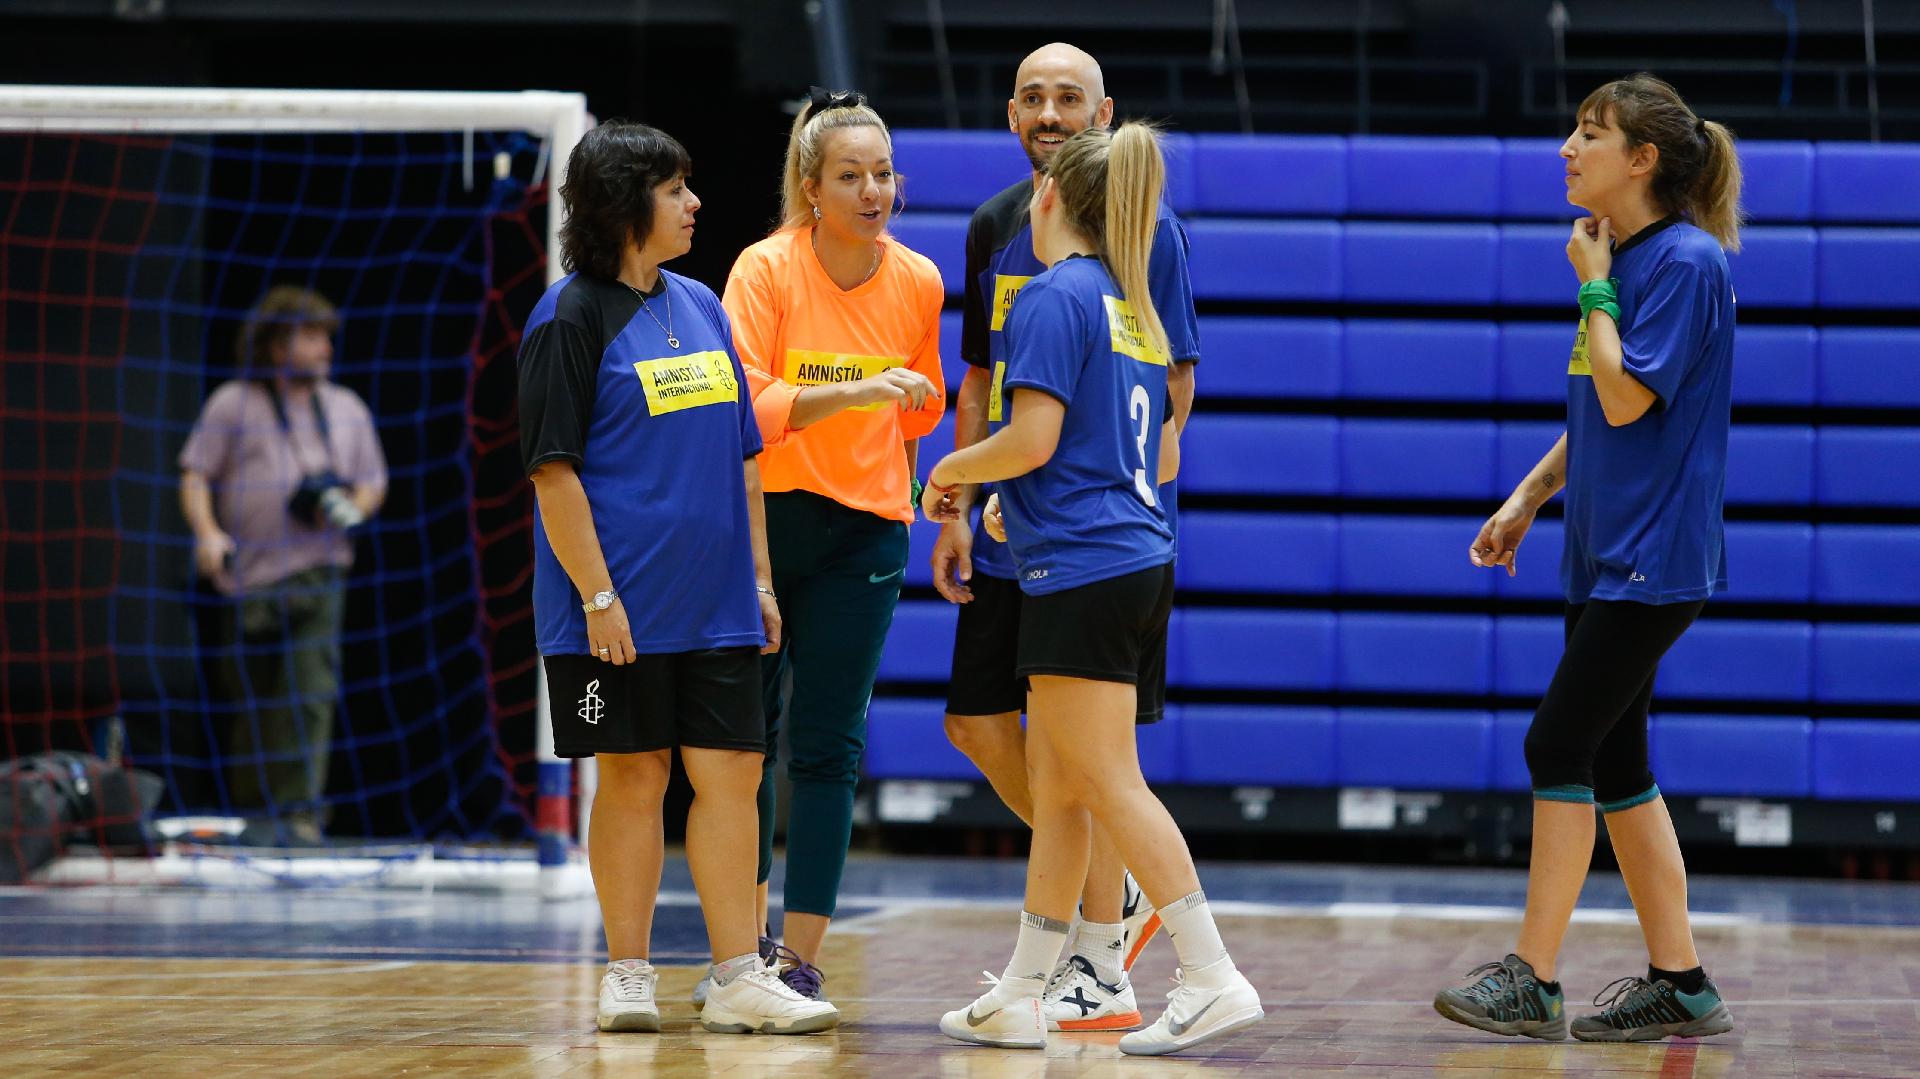 La ex arquera Pamela Visciarelli junto a sus compañeros y compañeras del equipo azul (Nicolás Aboaf)